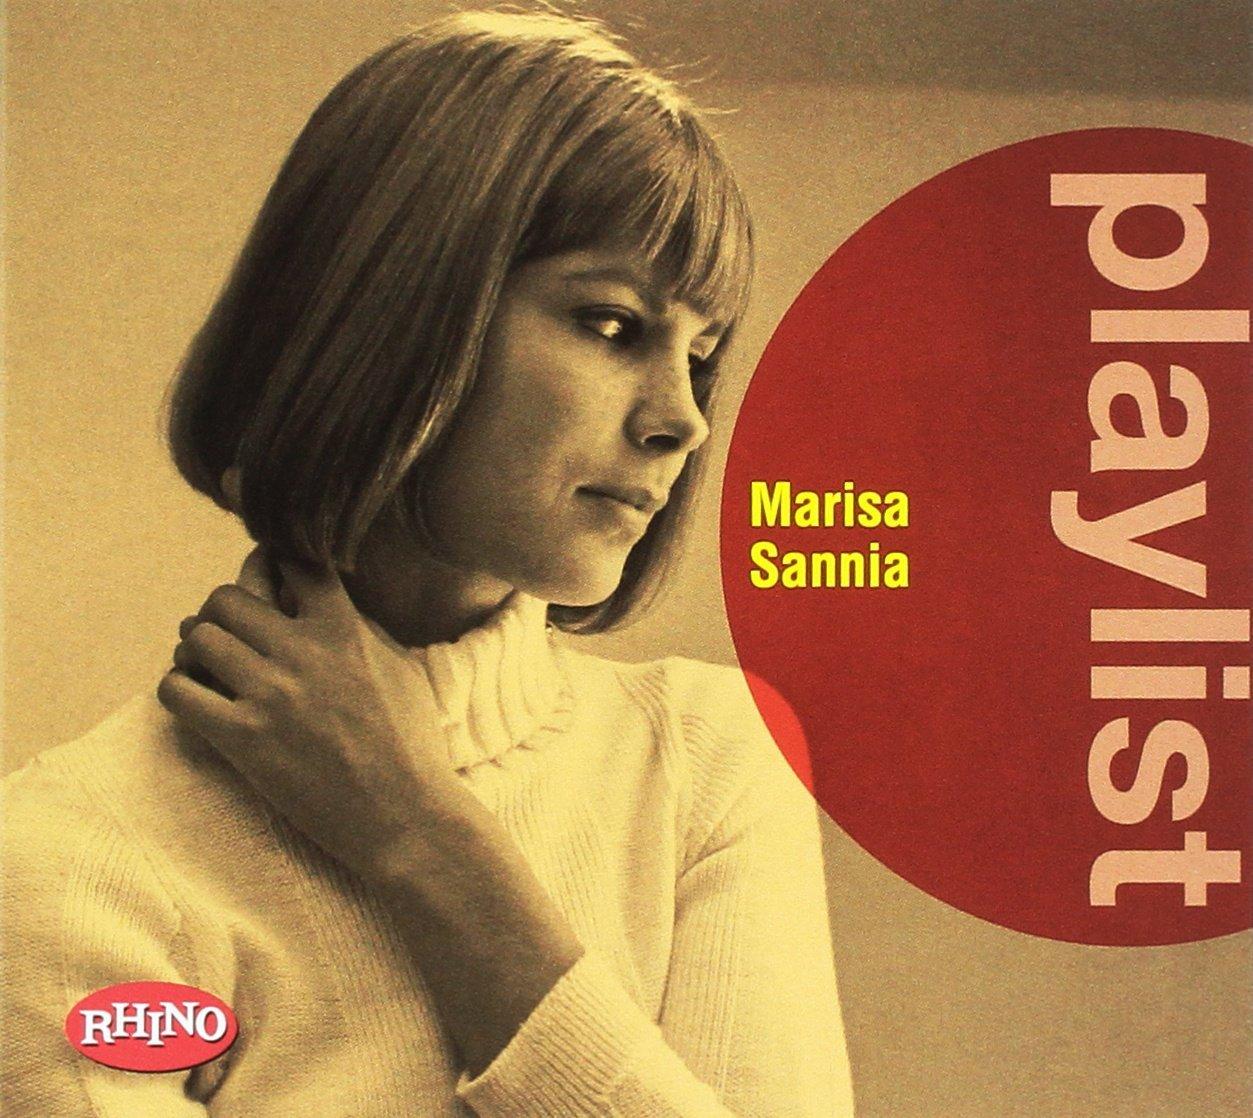 MARISA SANNIA - MARISA SANNIA (CD)